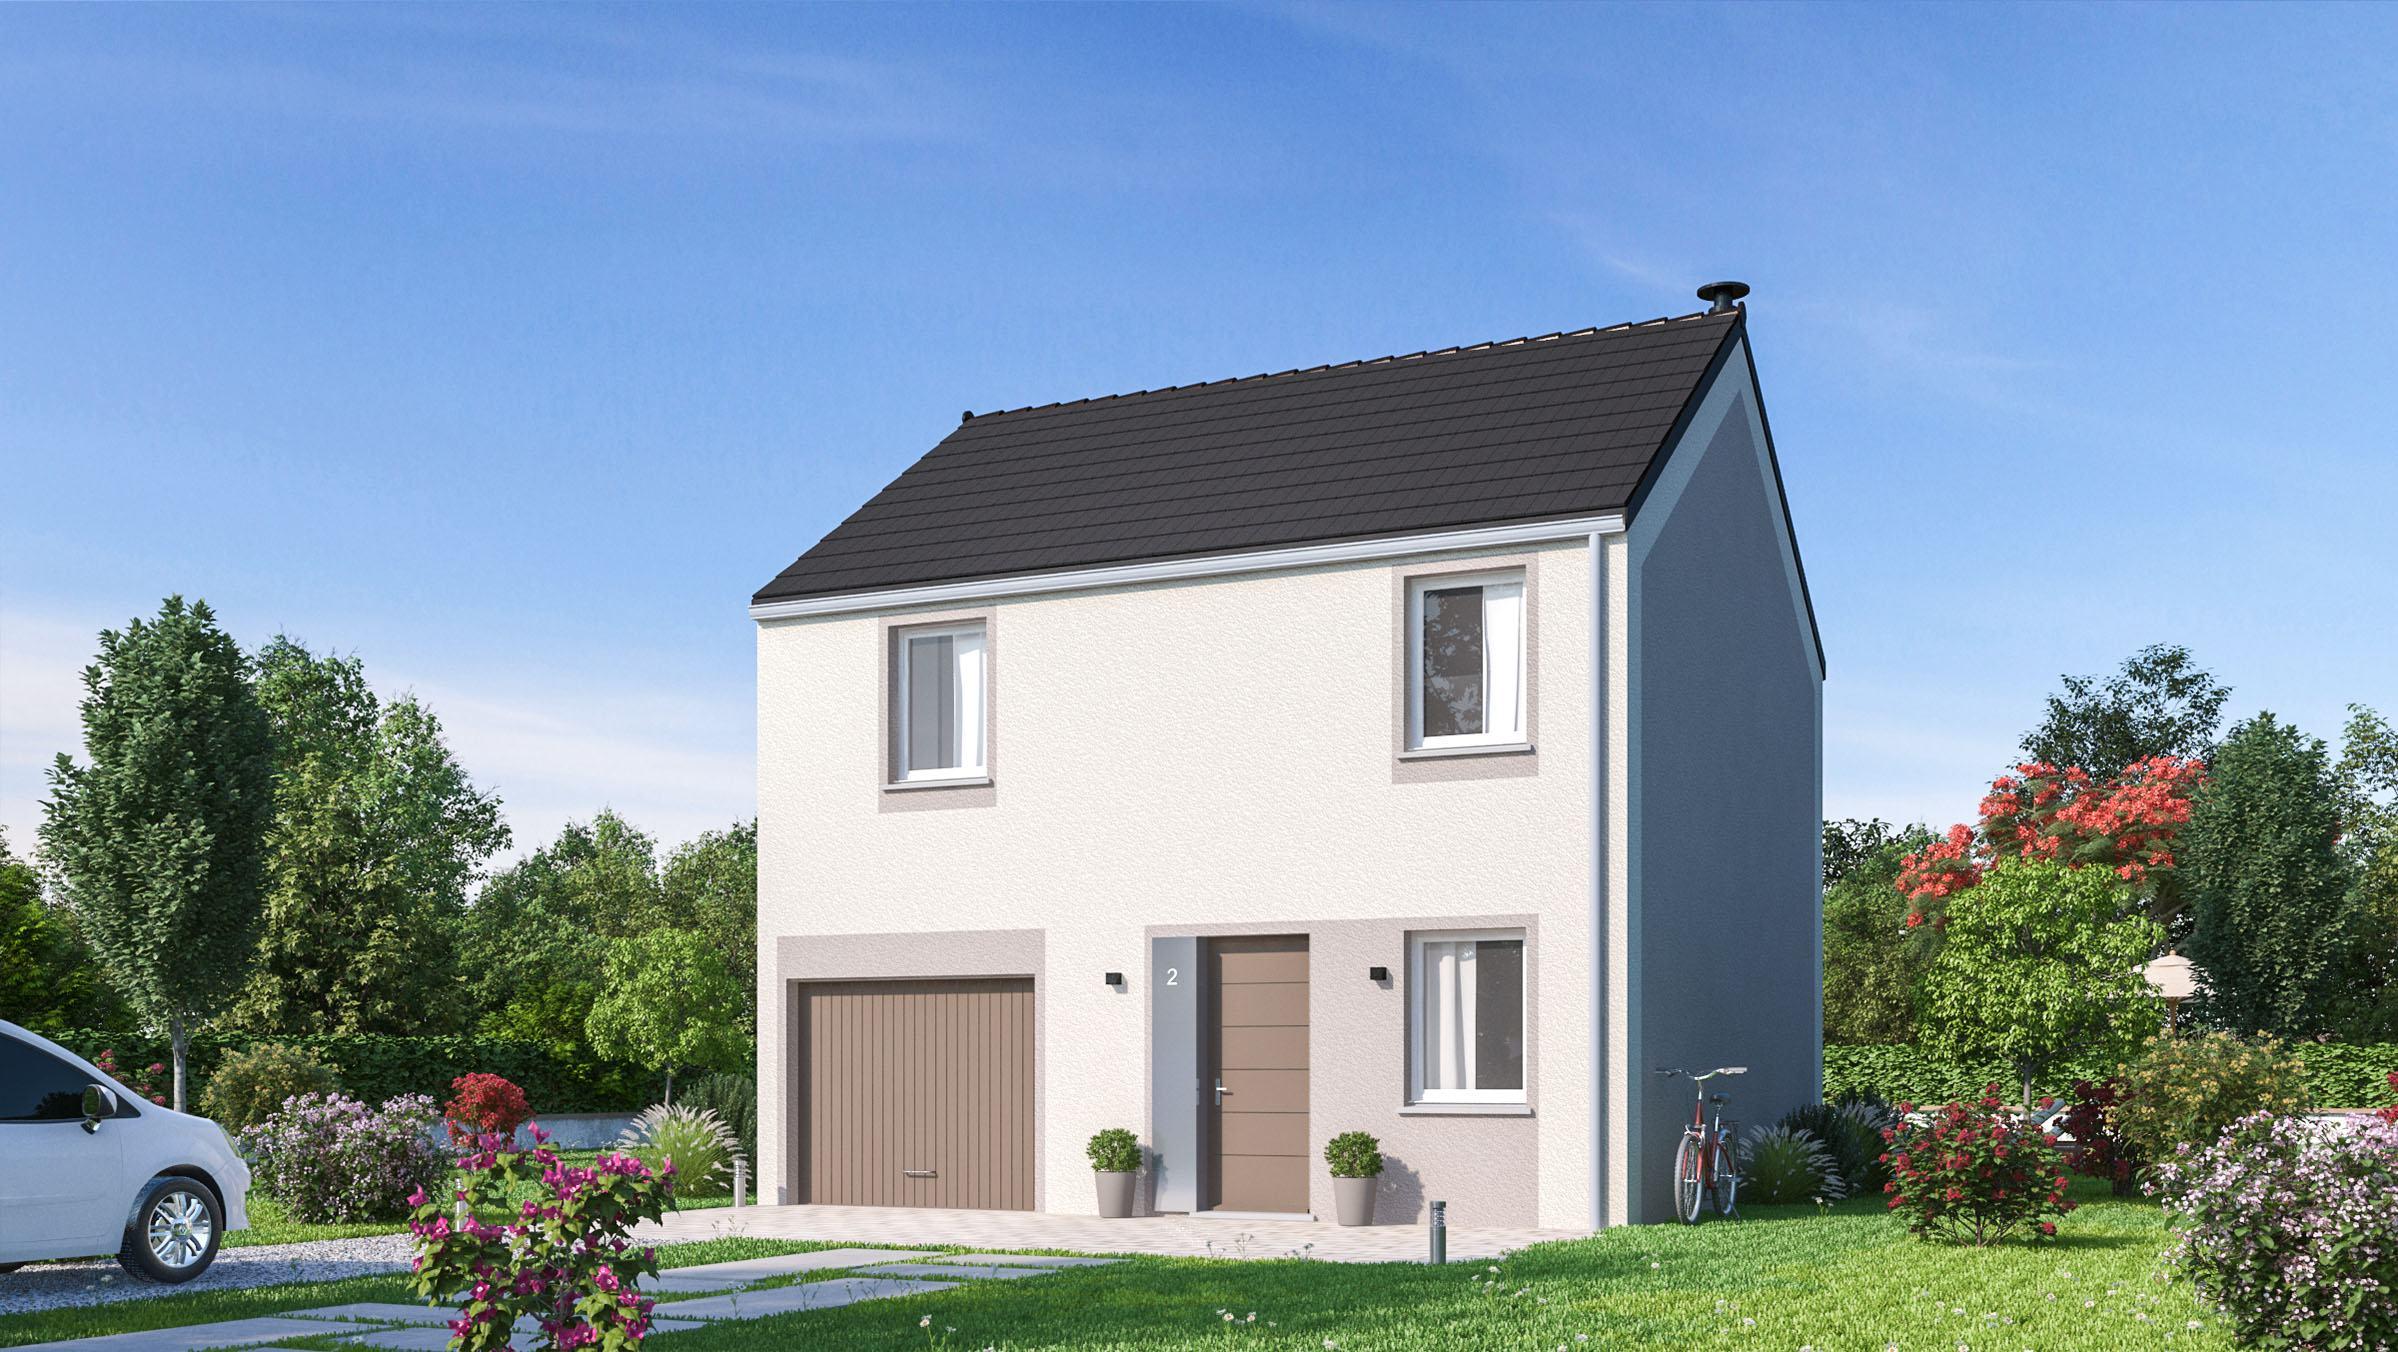 Maisons + Terrains du constructeur MAISONS PHENIX • 83 m² • MEAUX